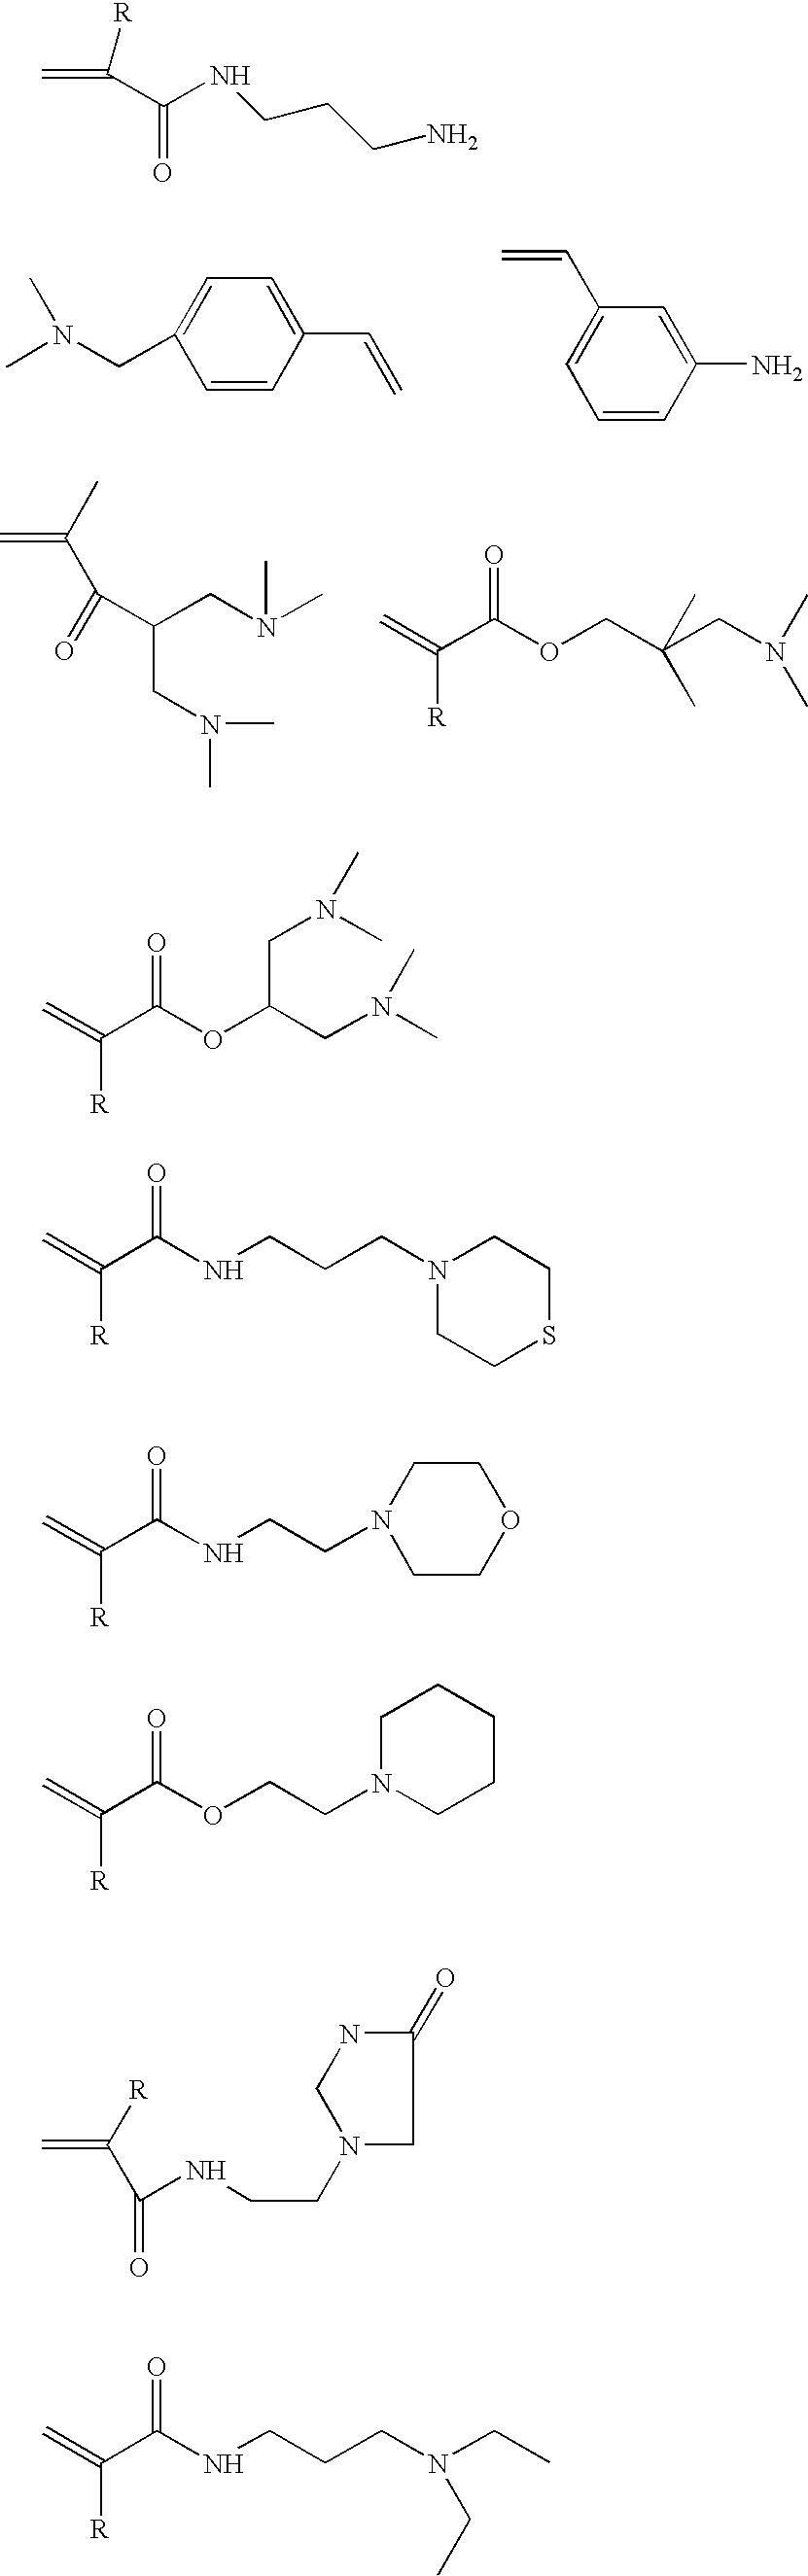 Figure US20090202465A1-20090813-C00004